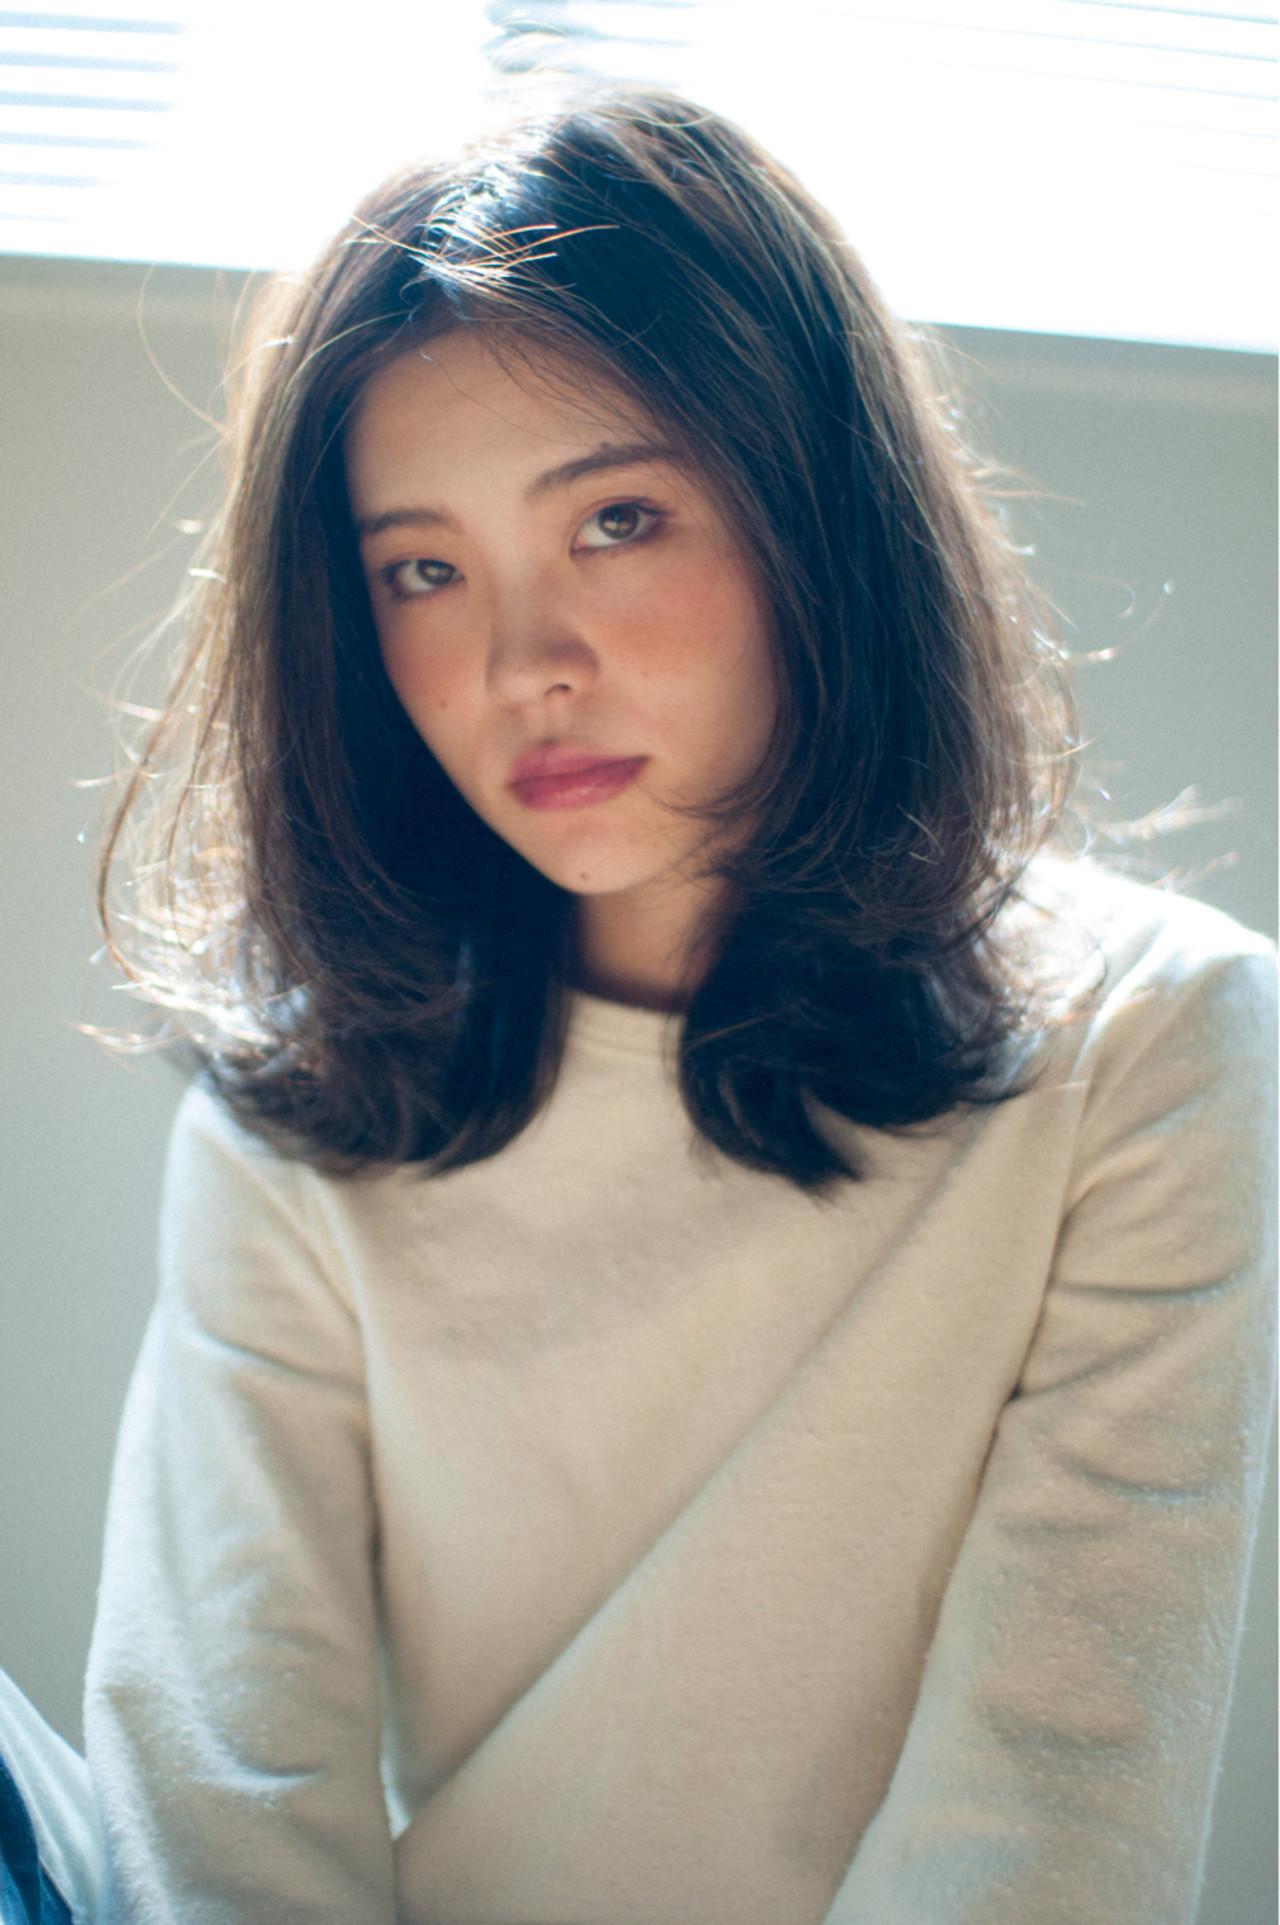 髪形&目的別♡おすすめスタイリング剤ランキングまとめ YUKINA / HOMIE TOKYO